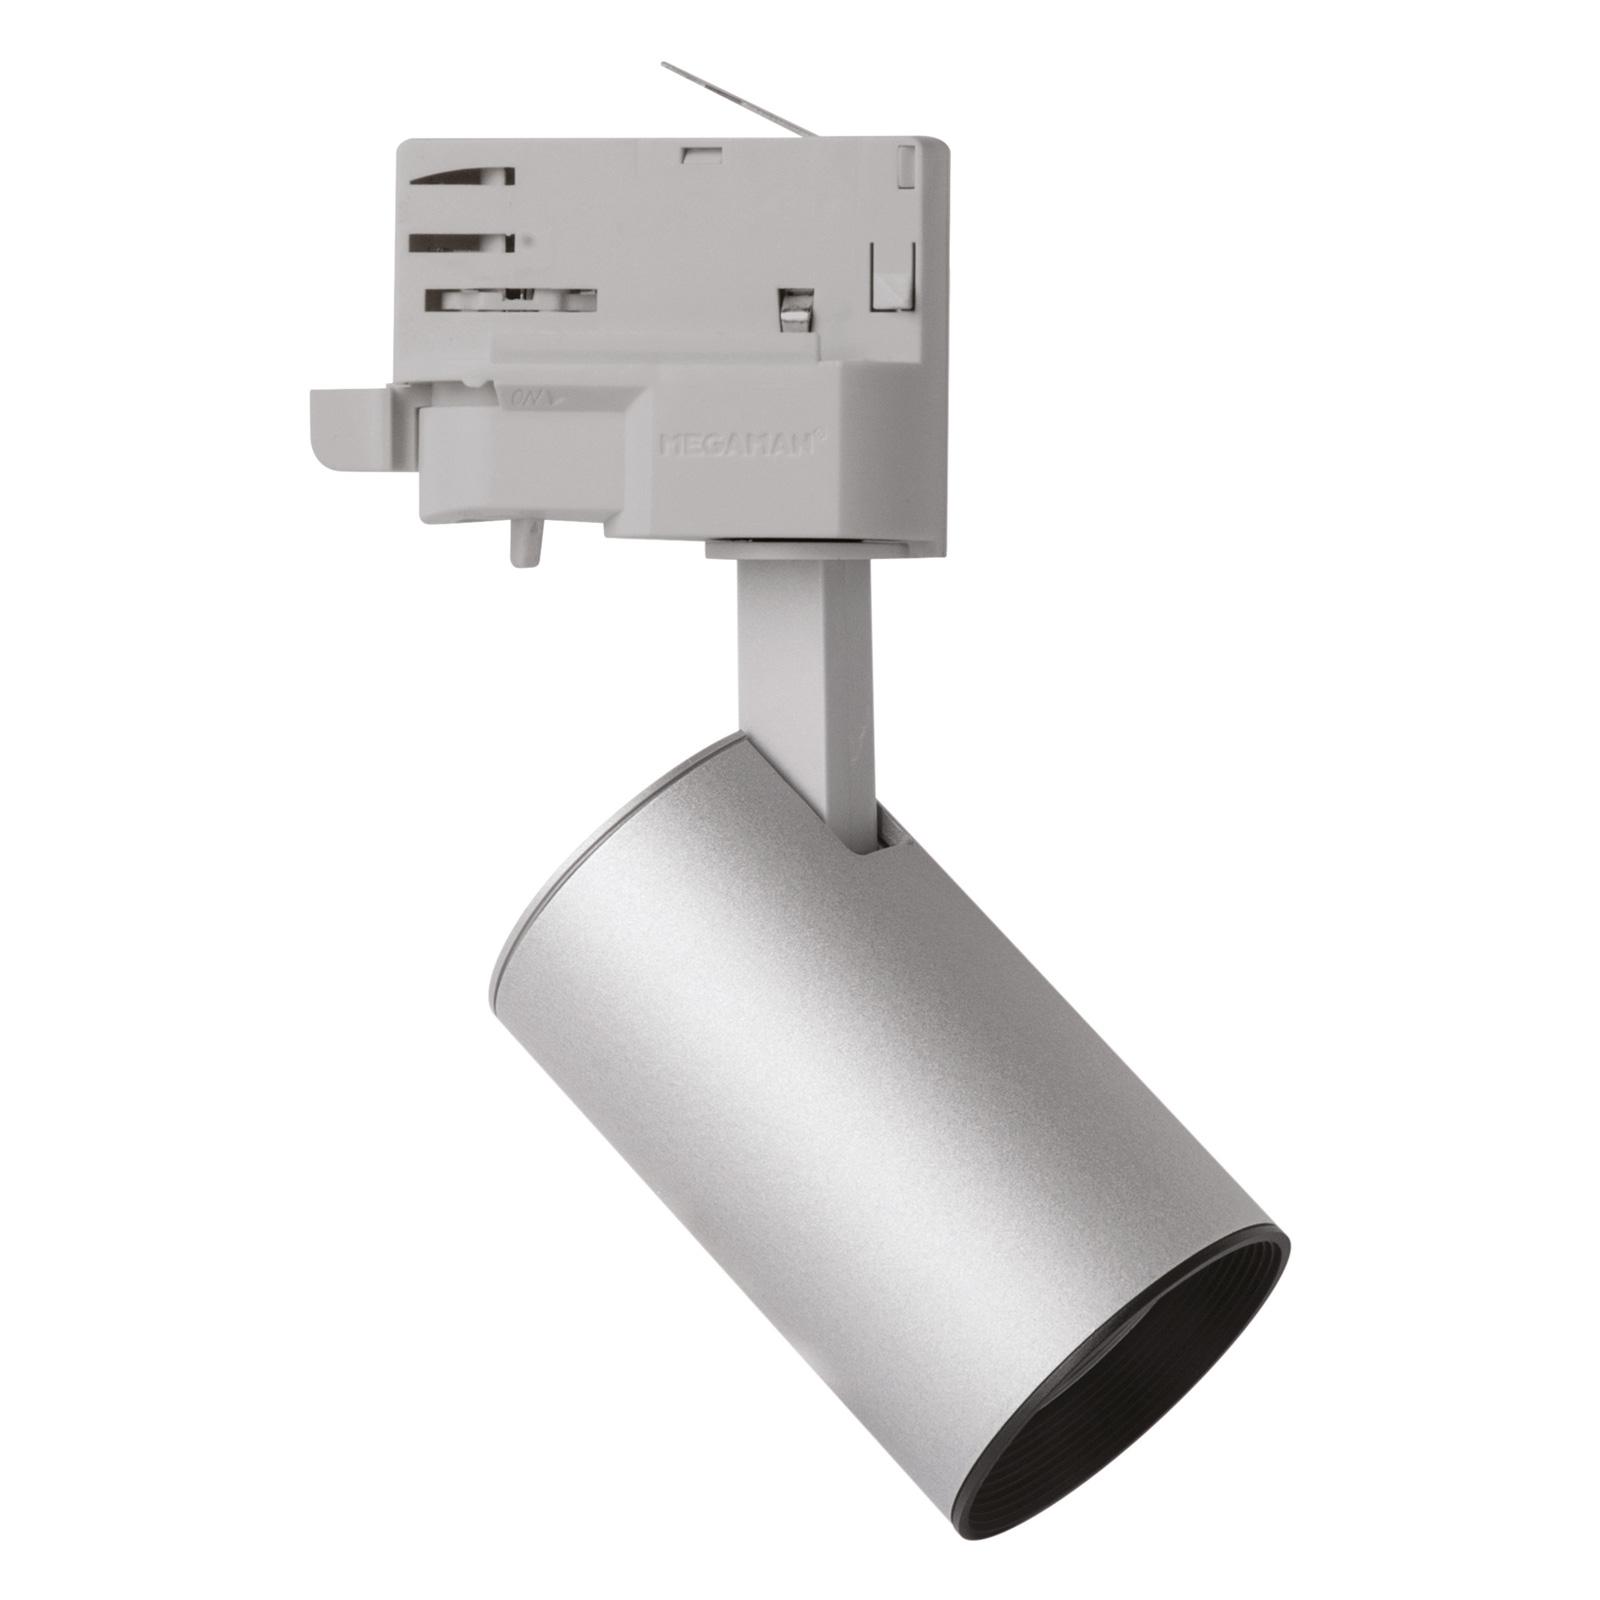 LED-spotti MarcoMini 3-vaihekiskoon, hopea 4 000 K